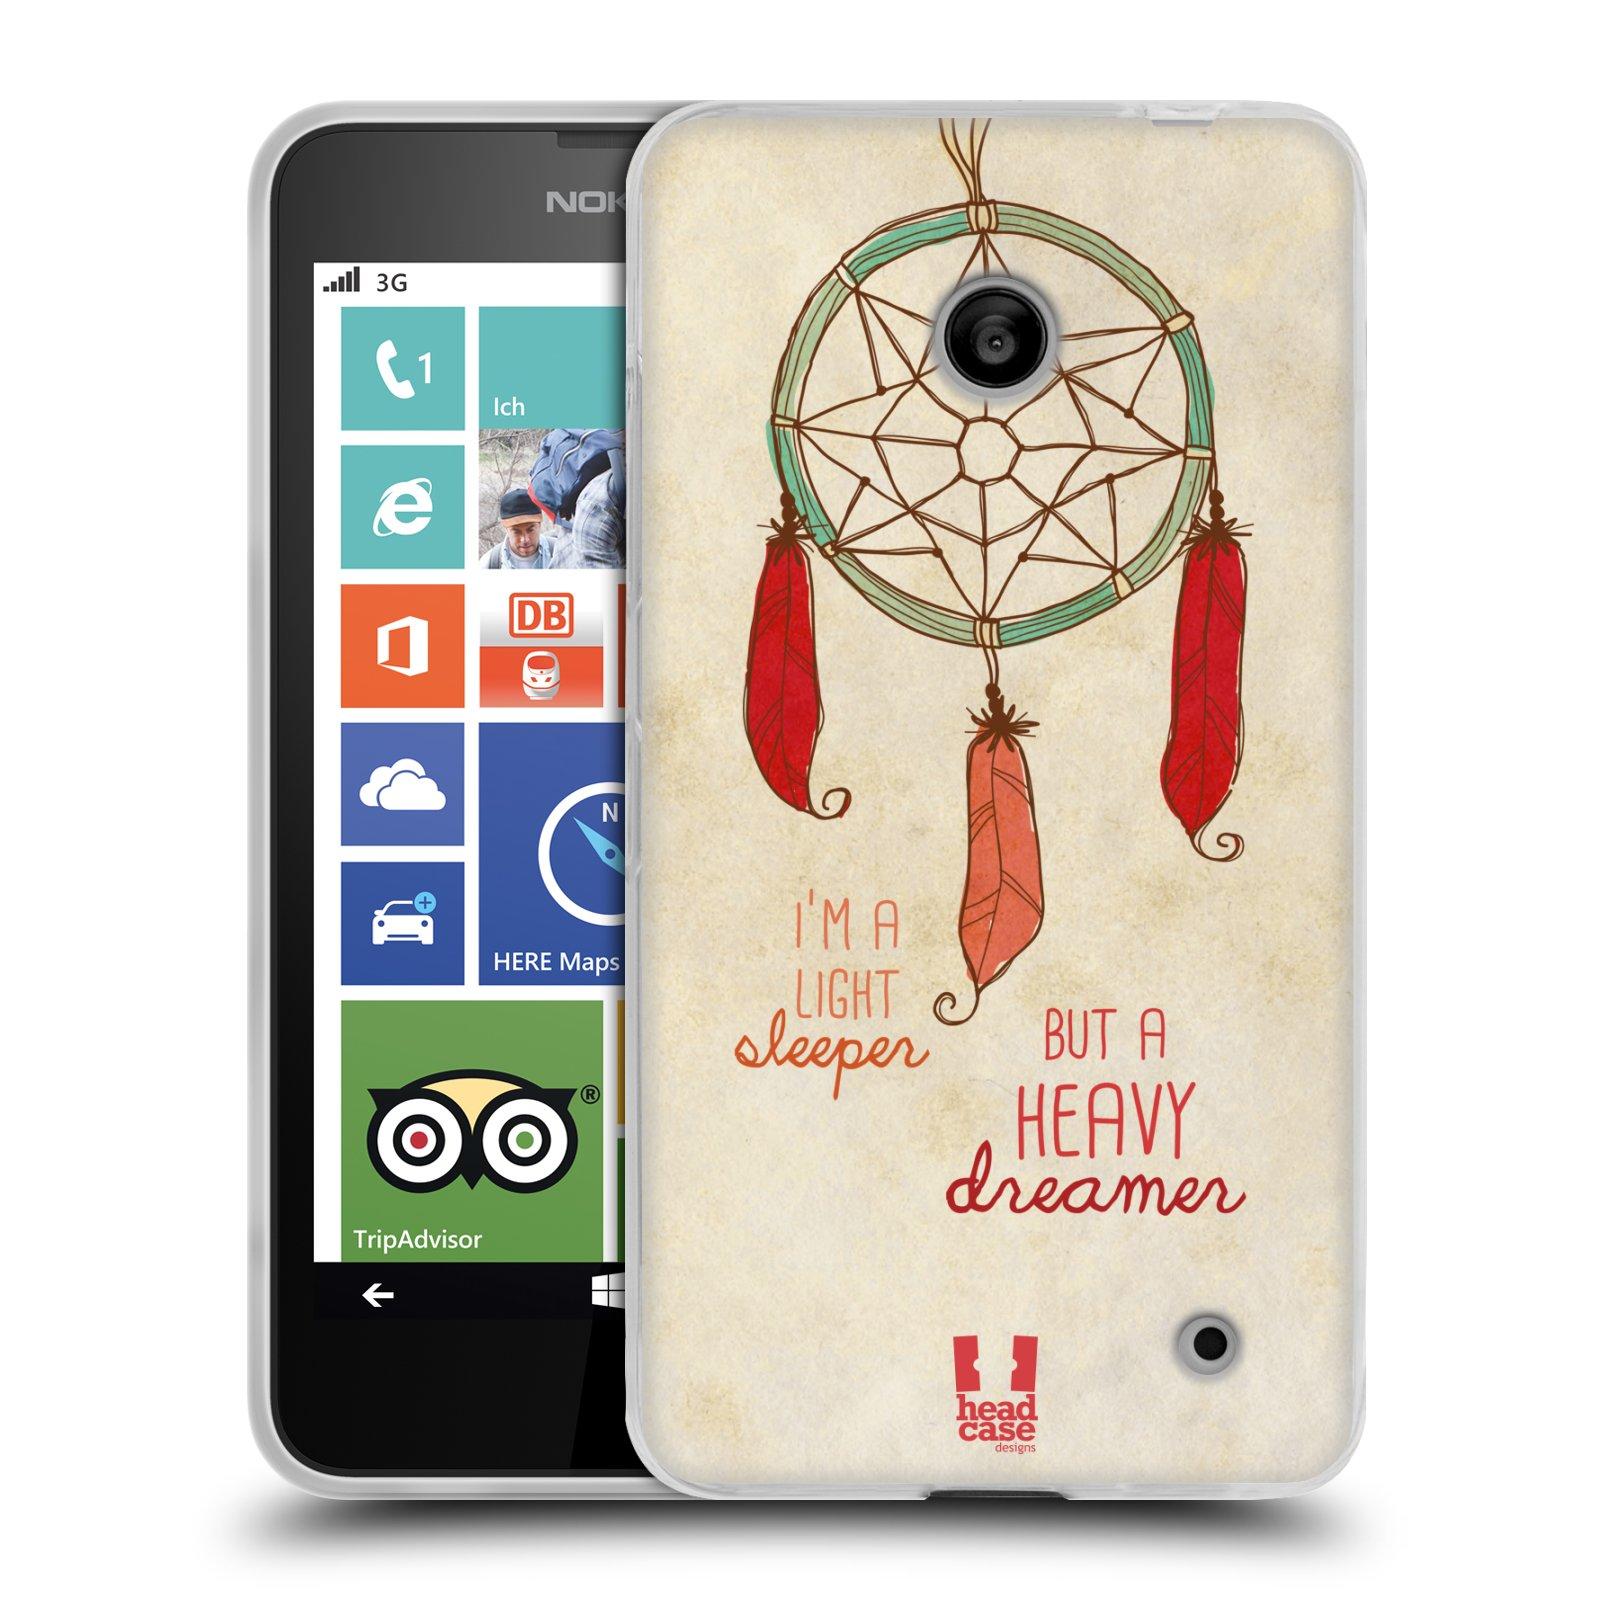 Silikonové pouzdro na mobil Nokia Lumia 630 HEAD CASE LAPAČ HEAVY DREAMER (Silikonový kryt či obal na mobilní telefon Nokia Lumia 630 a Nokia Lumia 630 Dual SIM)